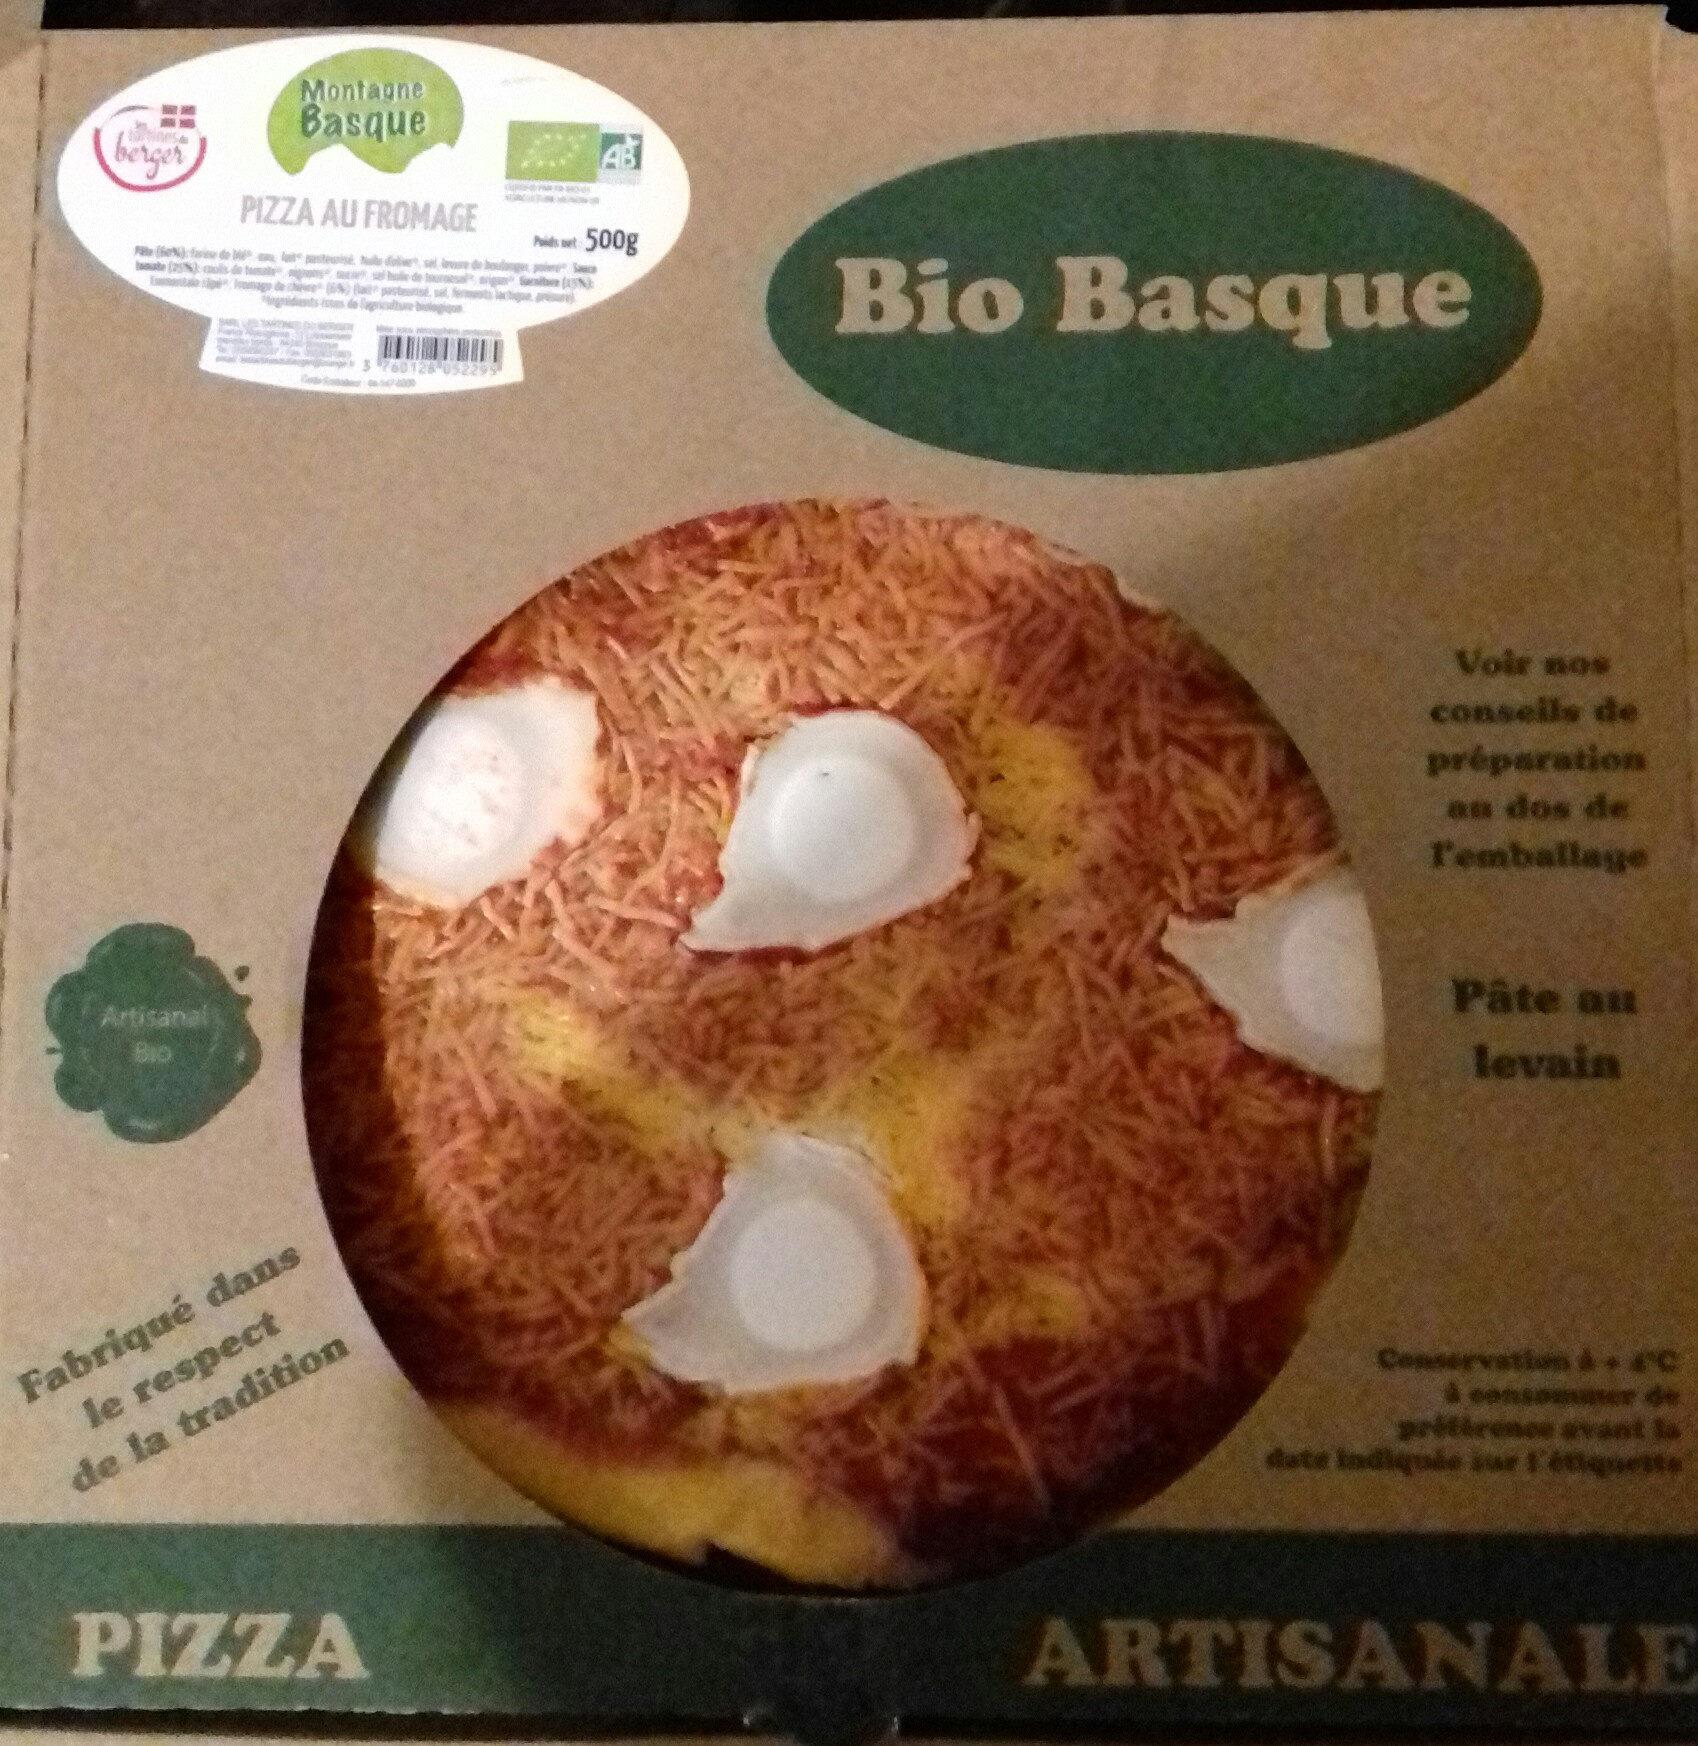 pizza au fromage - Produit - fr